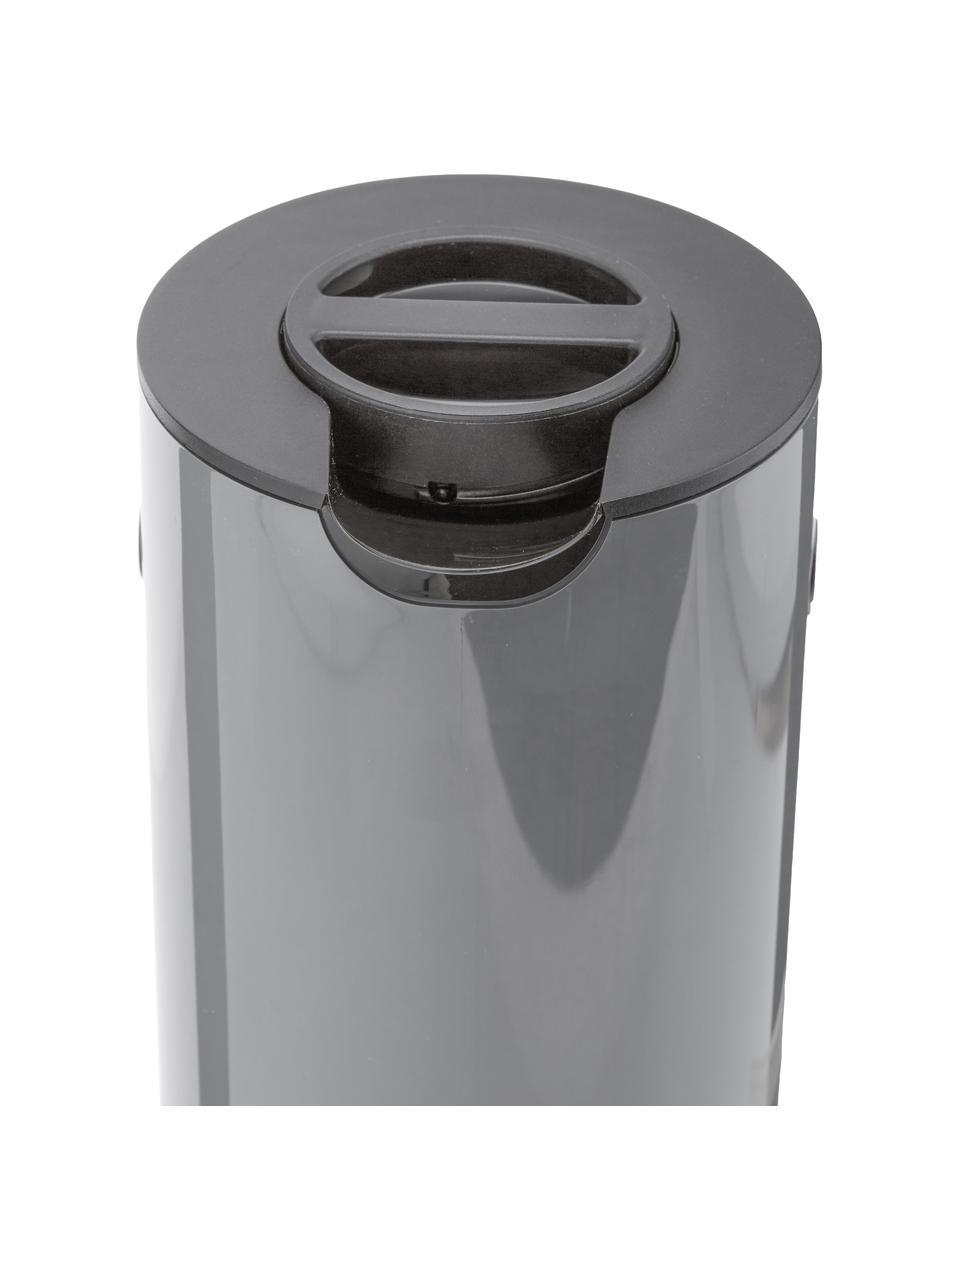 Termos EM77, 1 l, Tworzywo sztuczne ABS ze szklaną wkładką, Granitowy szary, 1 l